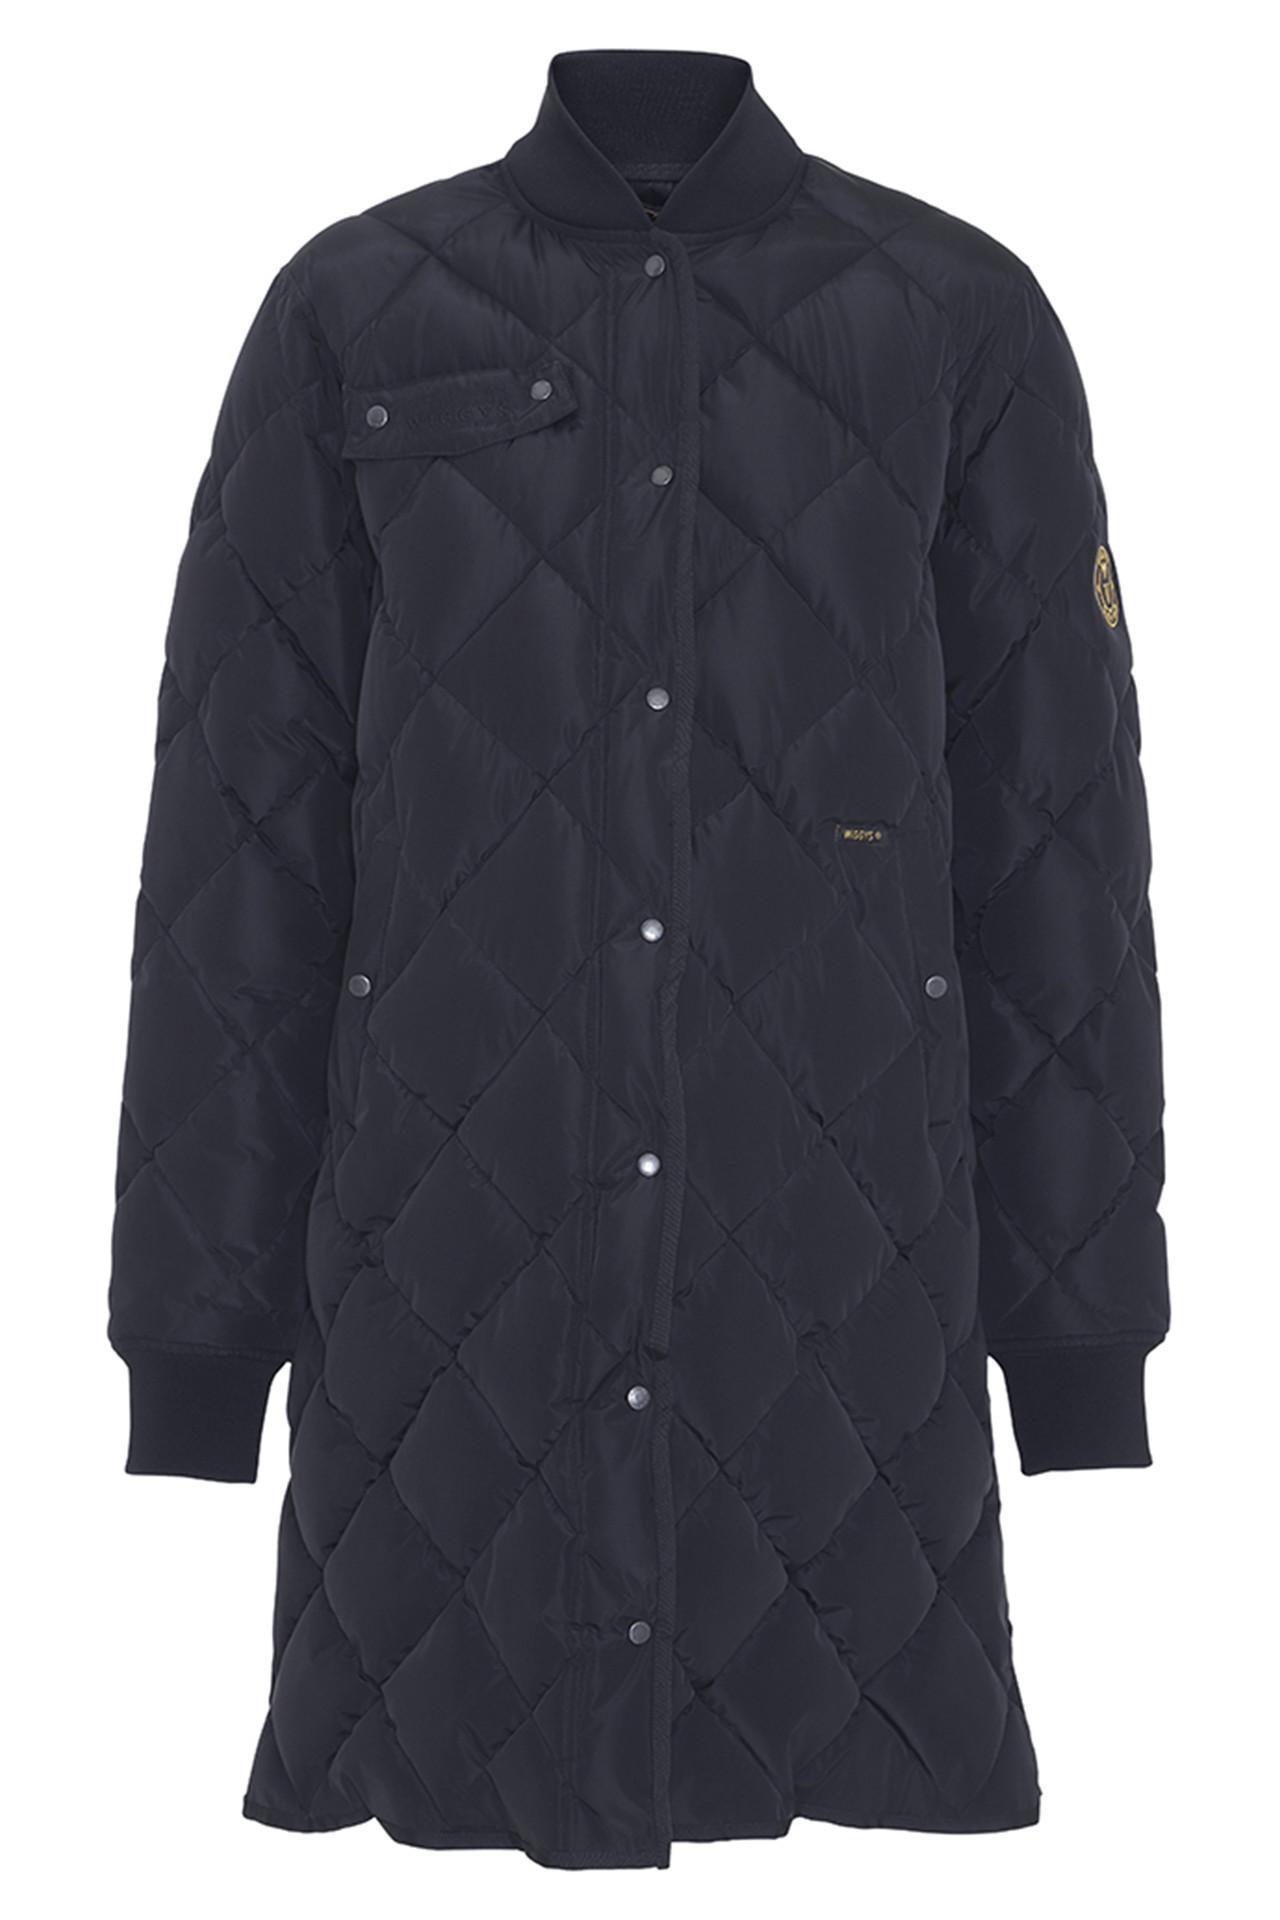 Wiggys jakke